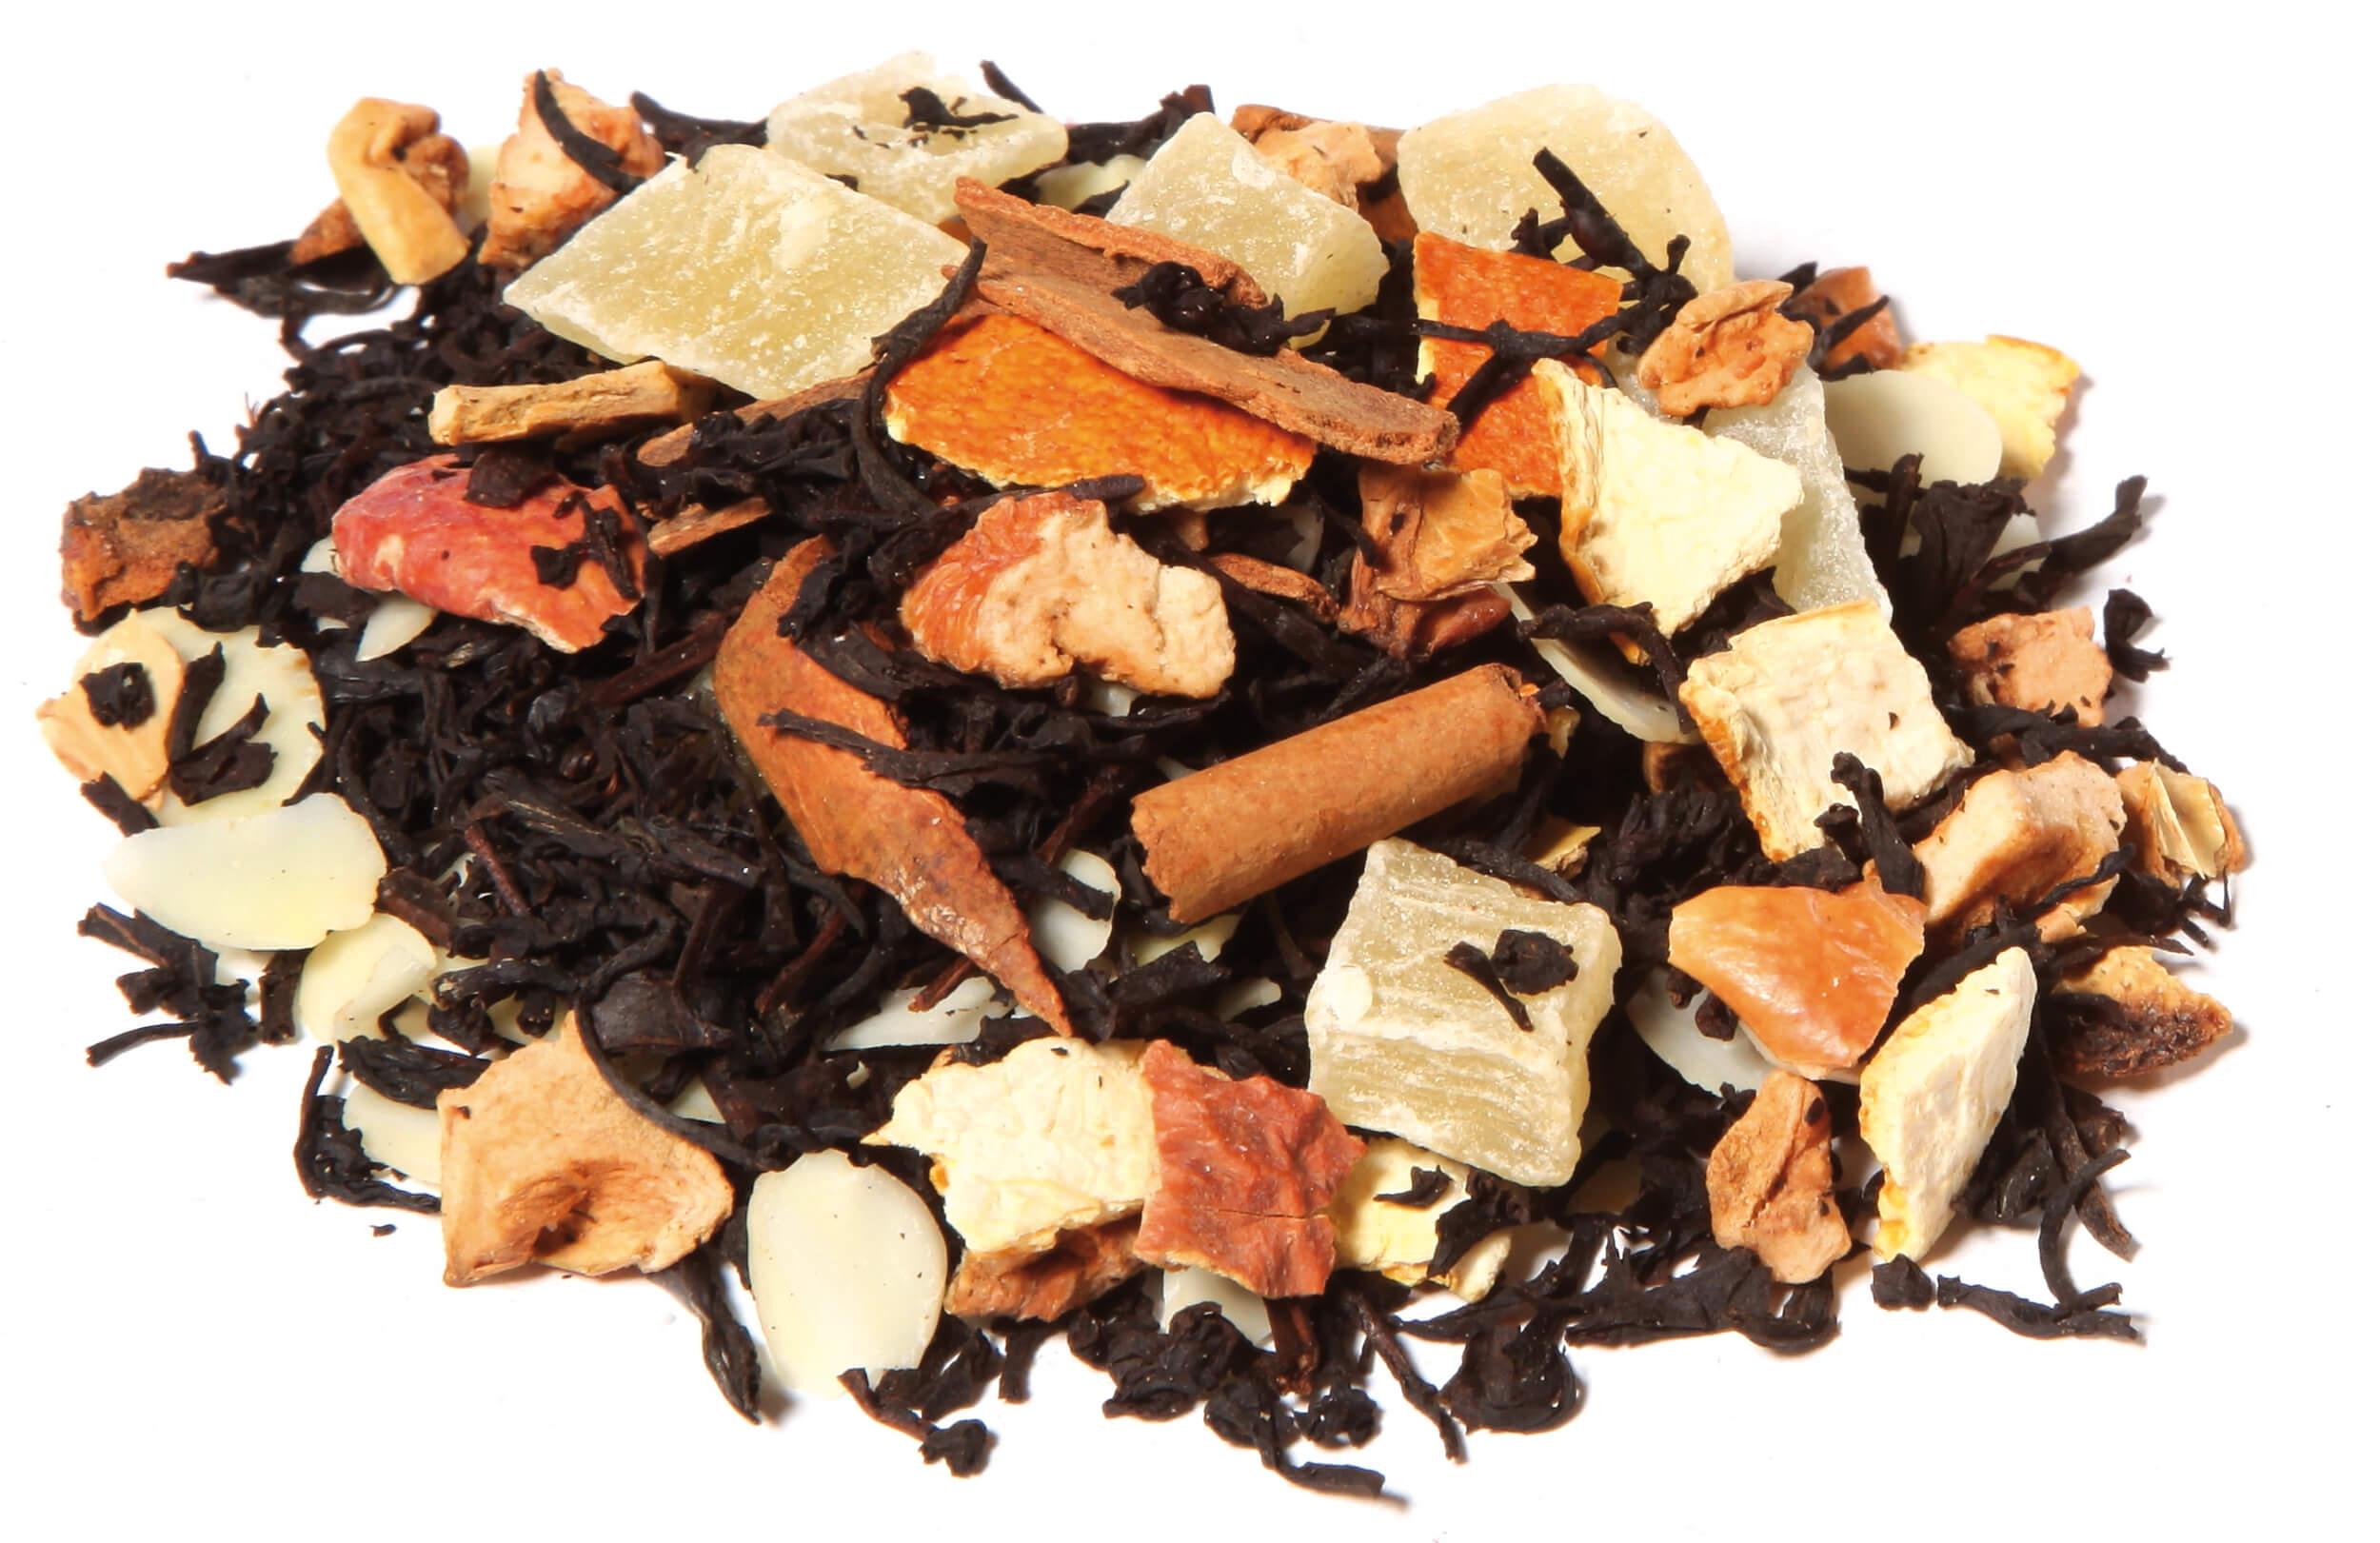 Thé Noir Jardin D'Aracuju, Thé Noir Ananas, Orange, Cannelle